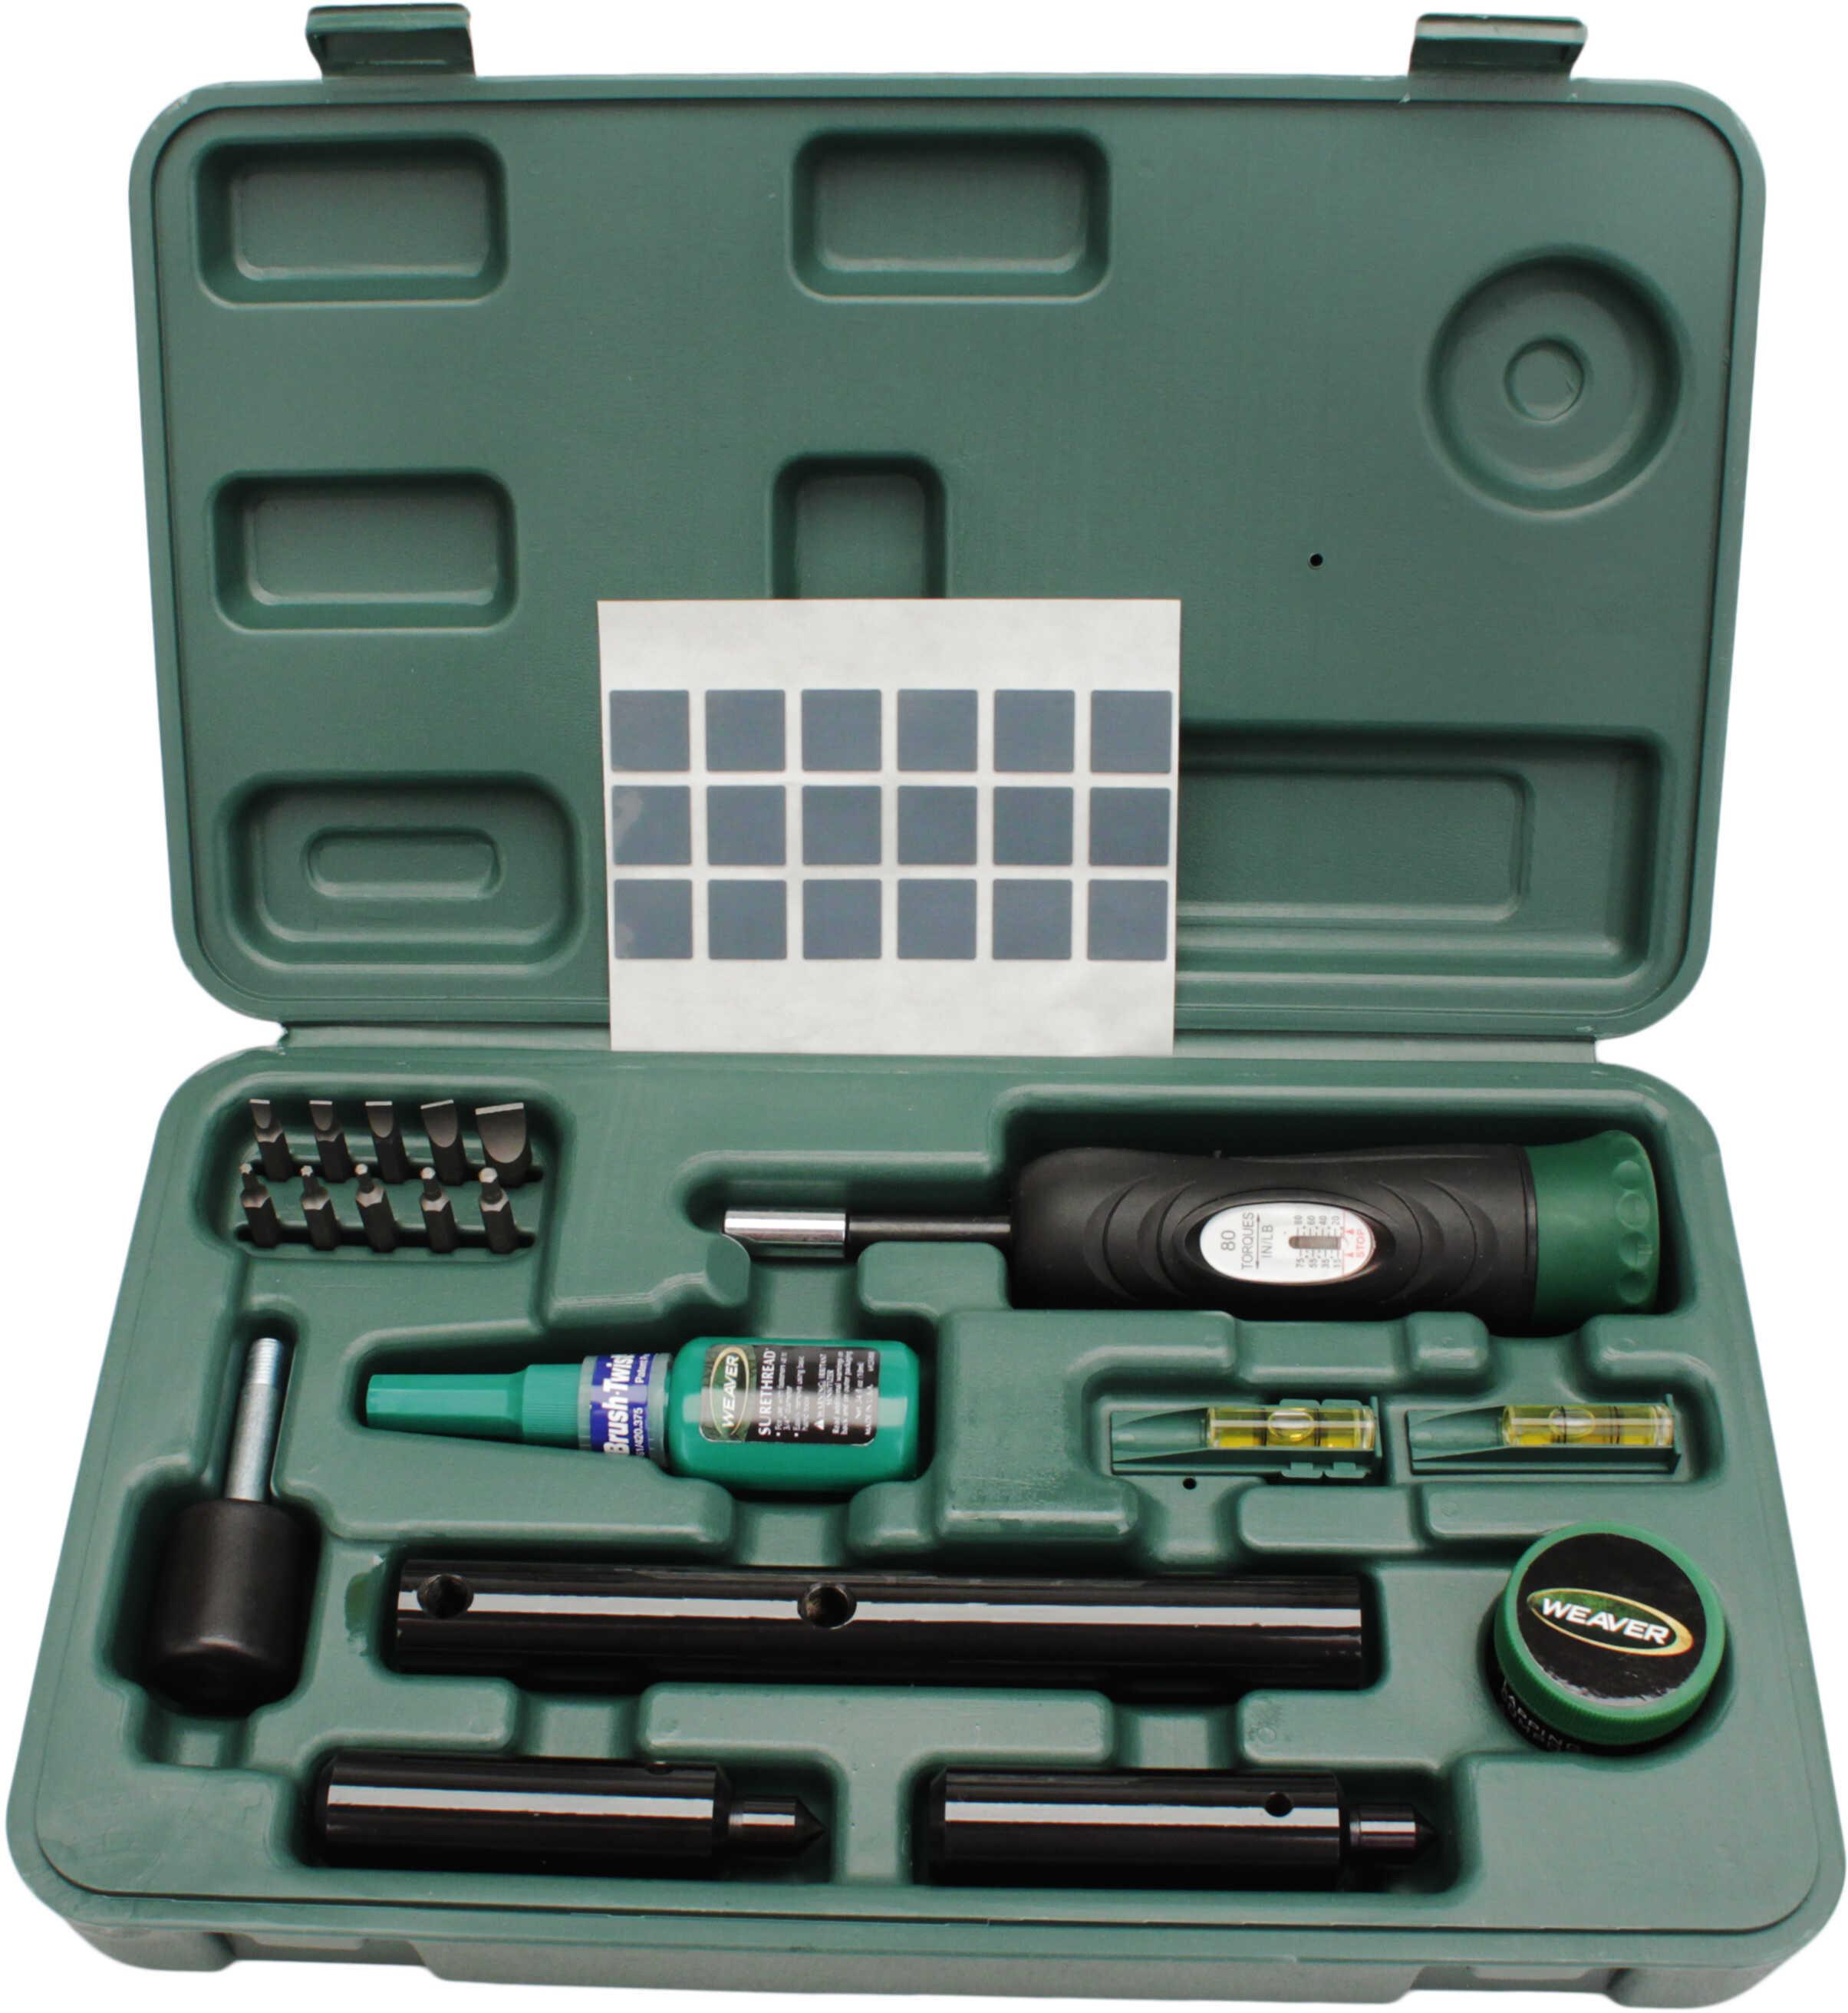 Weaver Deluxe Scope Mounting Kit Tool Weaver Deluxe Scope Mounting Kit Black/Green 849721